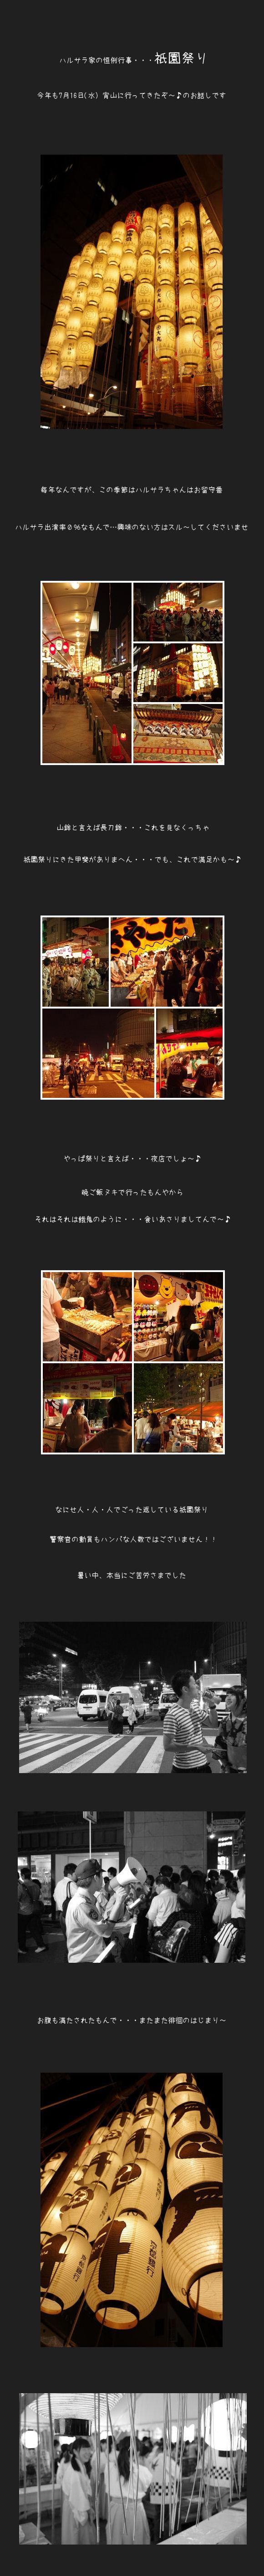 京都の夜☆祇園